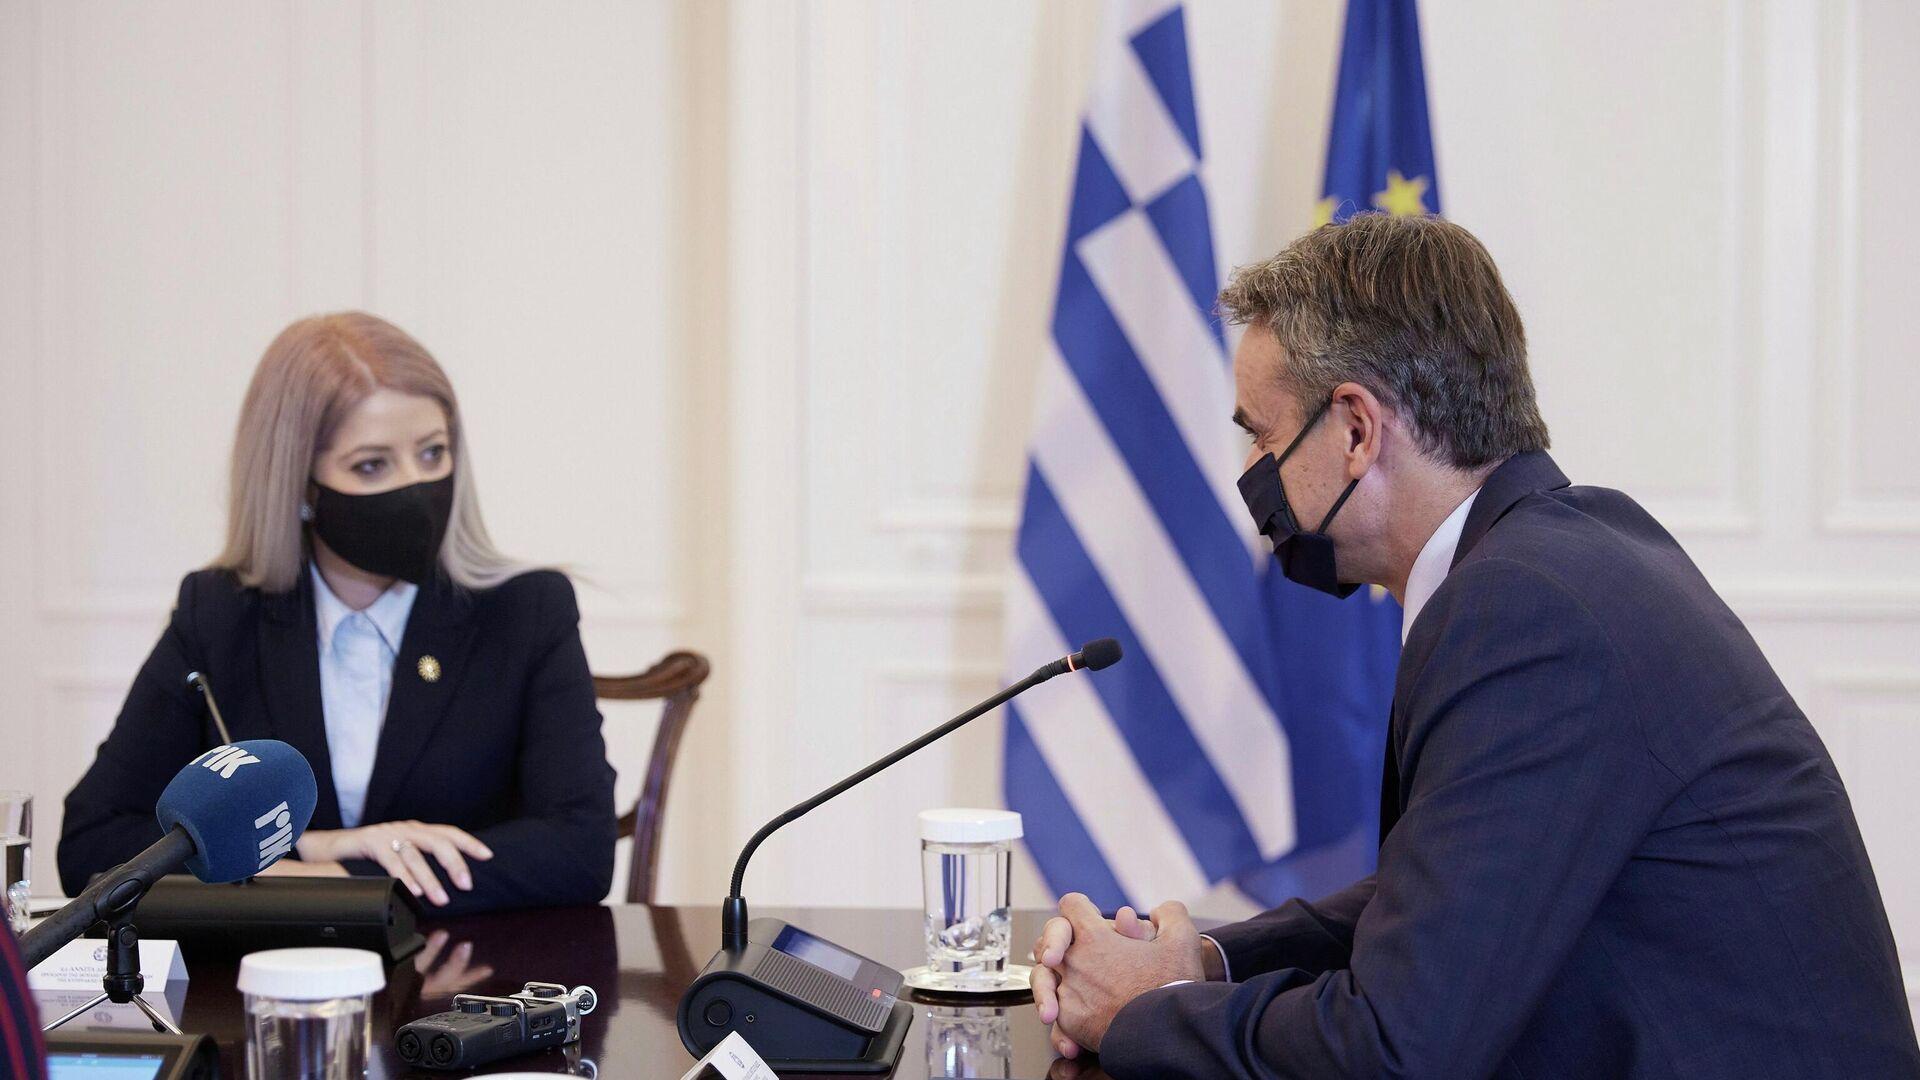 Ο πρωθυπουργός Κυριάκος Μητσοτάκης και η πρόεδρος της Βουλής των Αντιπροσώπων της Κυπριακής Δημοκρατίας, Αννίτα Δημητρίου - Sputnik Ελλάδα, 1920, 11.10.2021